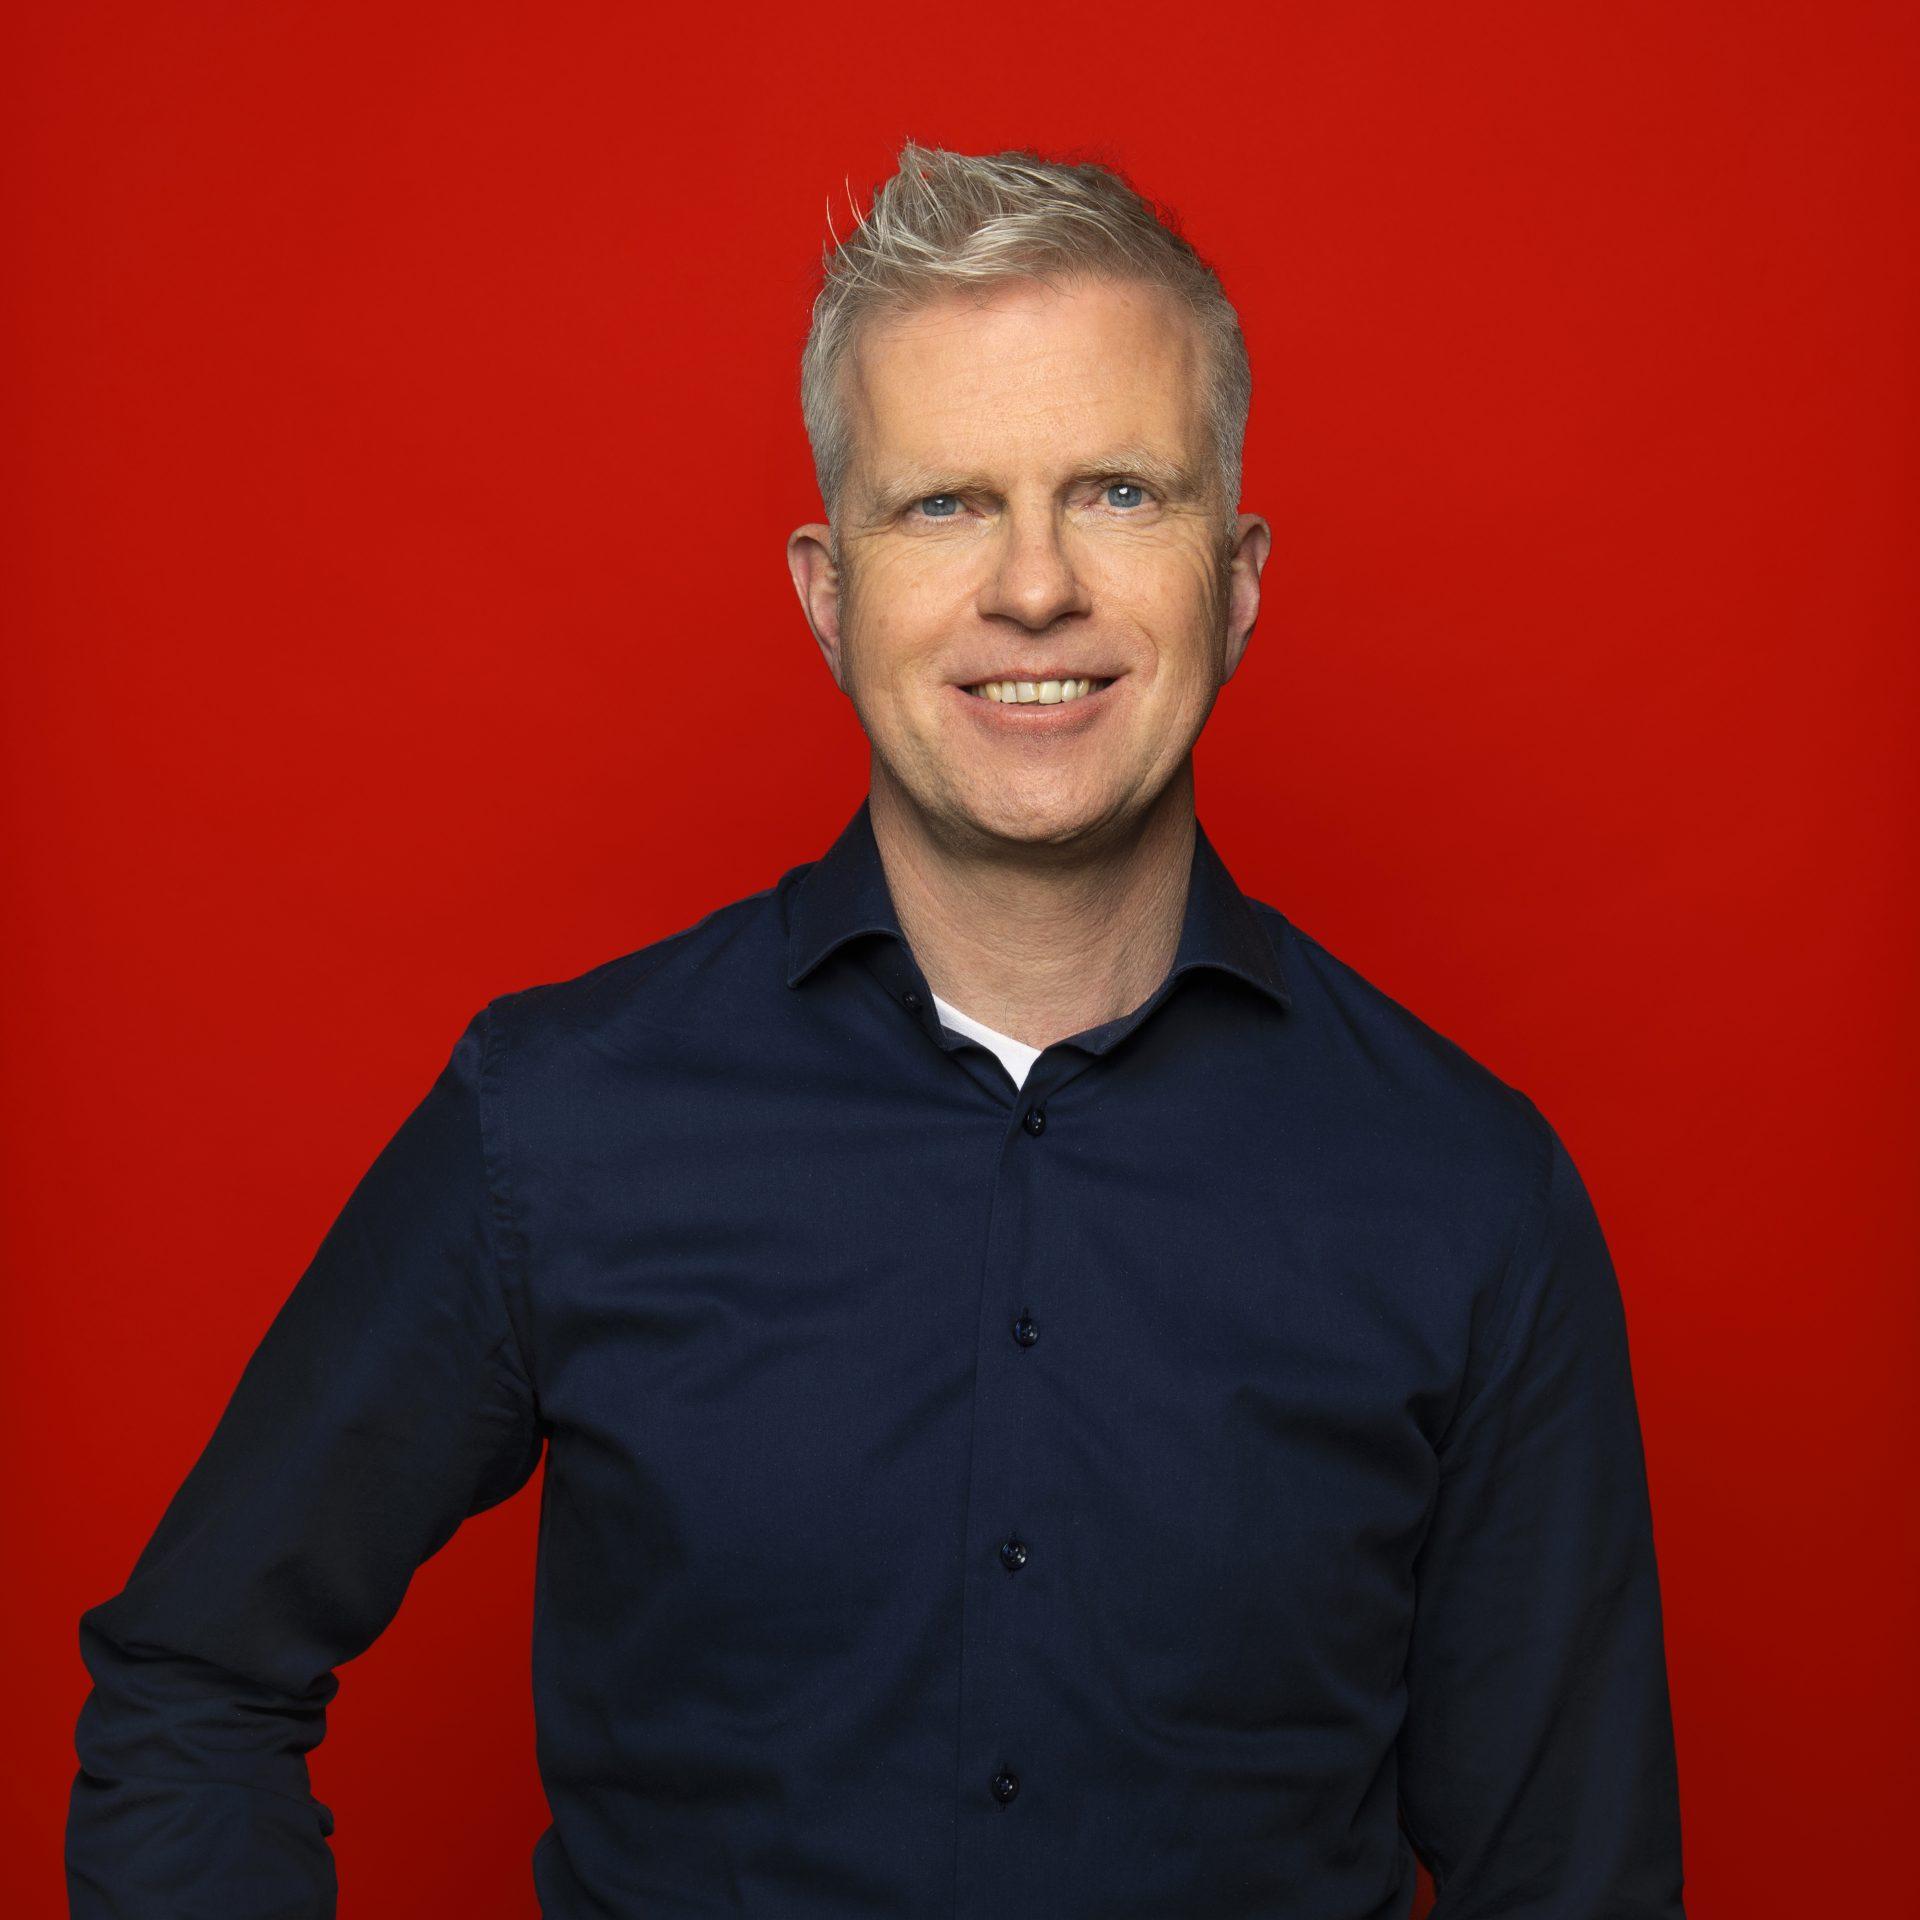 Gerrit Eikenaar